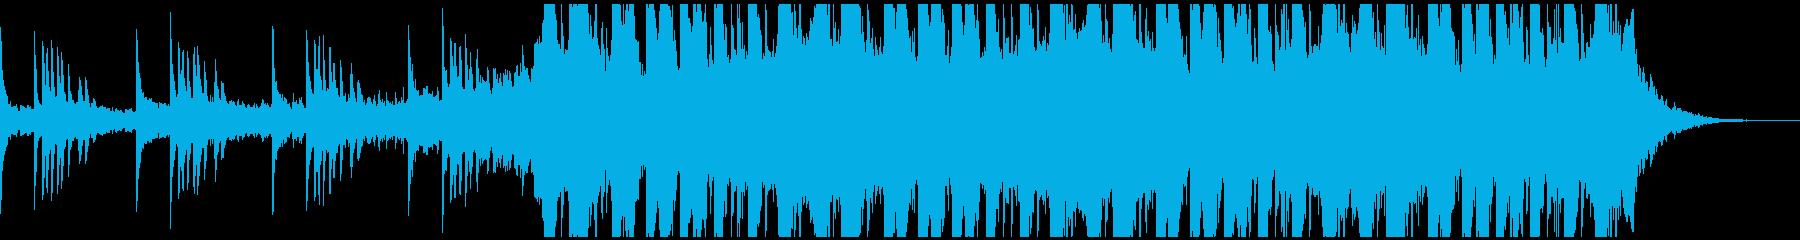 電気研究所ディスカバリーサイエンス...の再生済みの波形